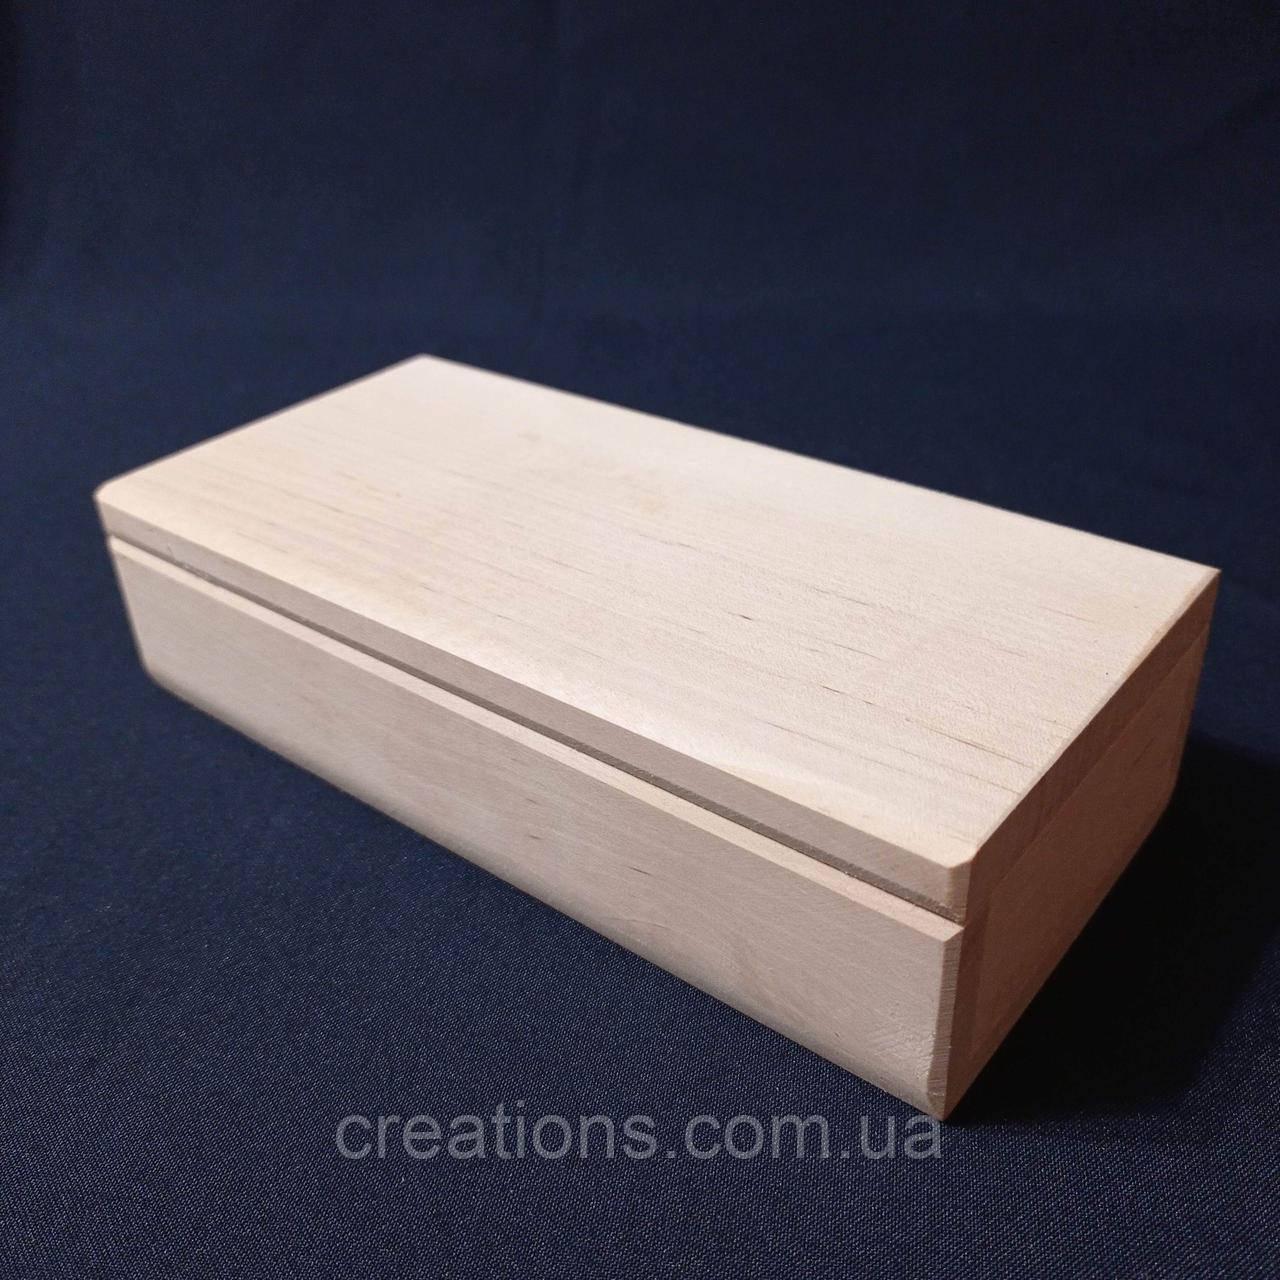 Заготовка для декупажа 20х10х5 см. шкатулка из дерева